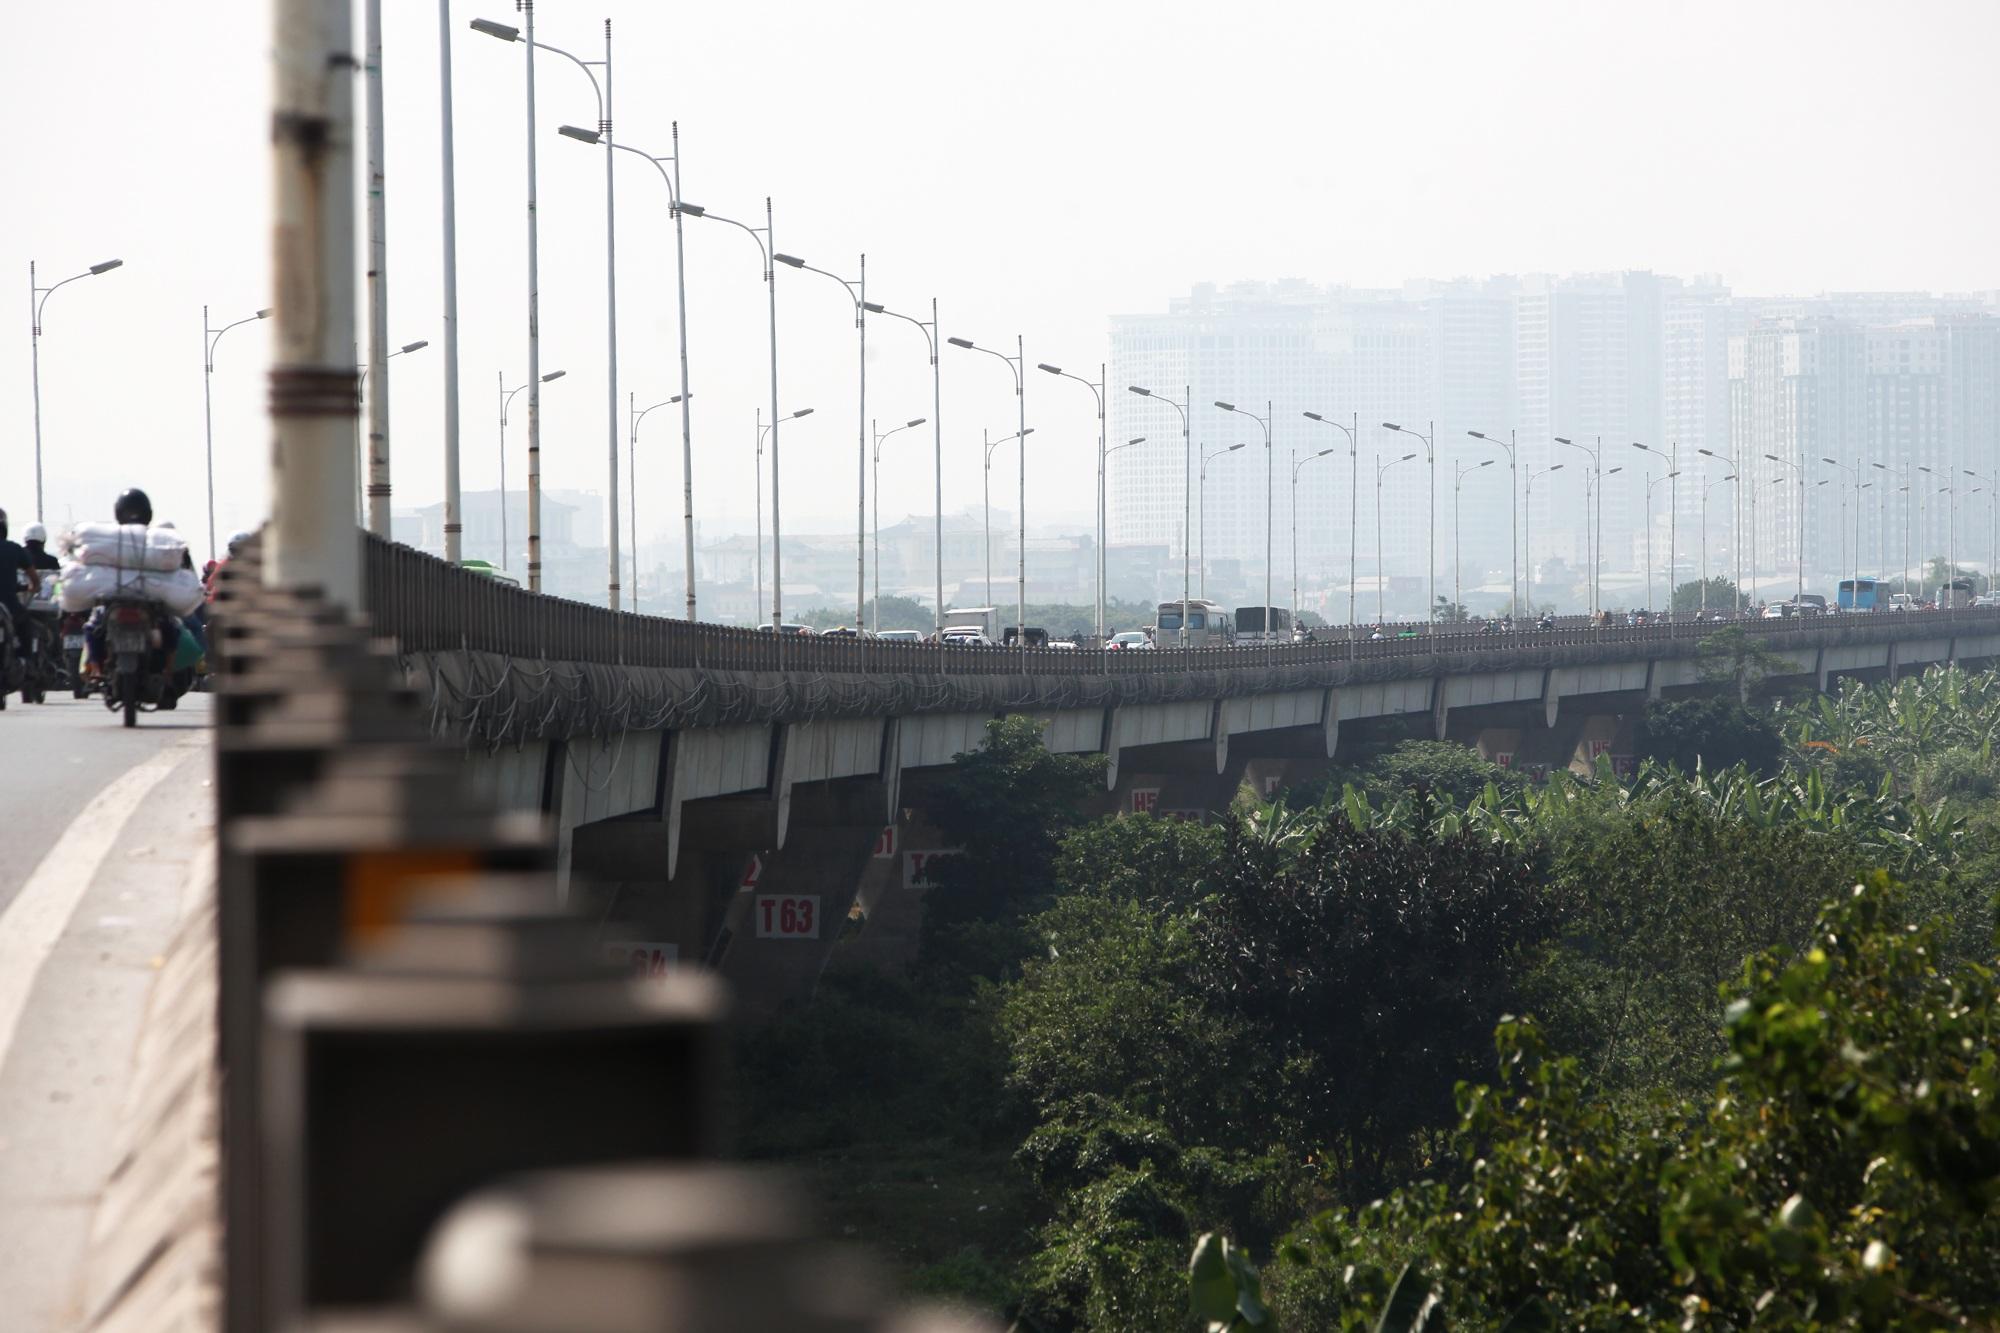 Toàn cảnh 6 cây cầu huyết mạch bắc qua sông Hồng - 16